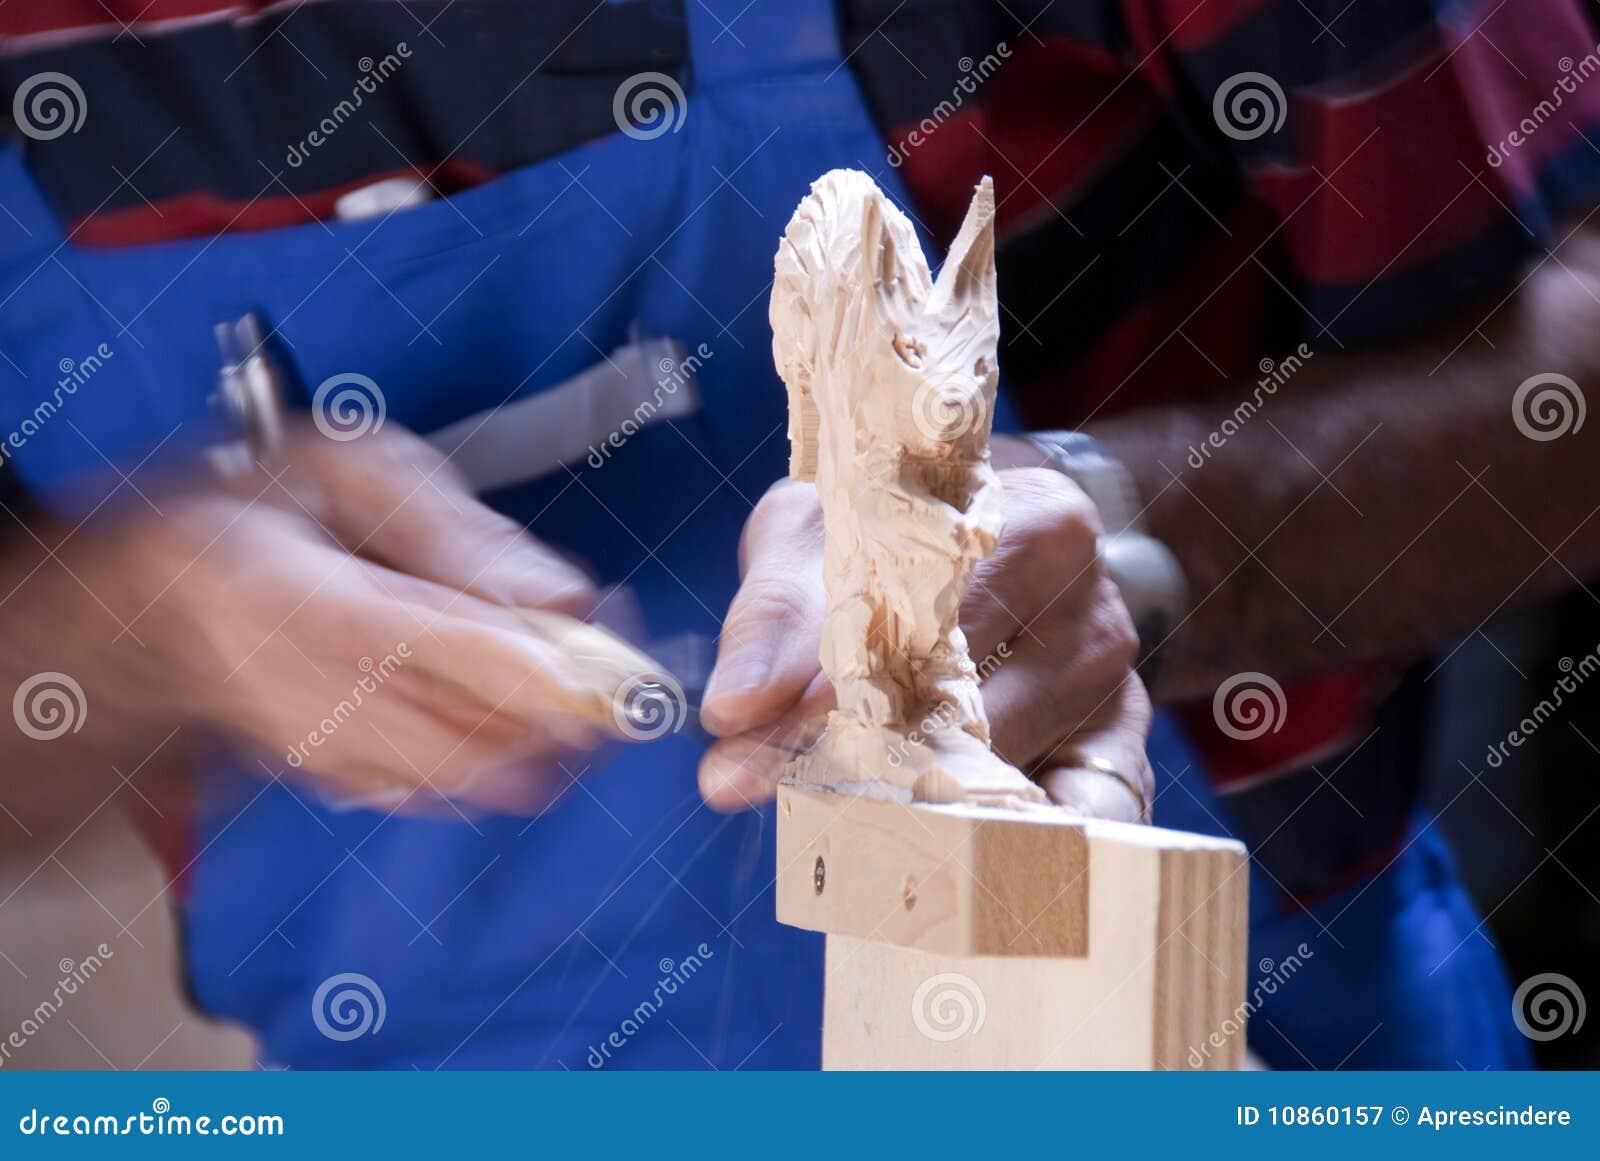 Houten beeldhouwer op het werk royalty vrije stock fotografie beeld 10860157 - Decoreer zijn kantoor op het werk ...